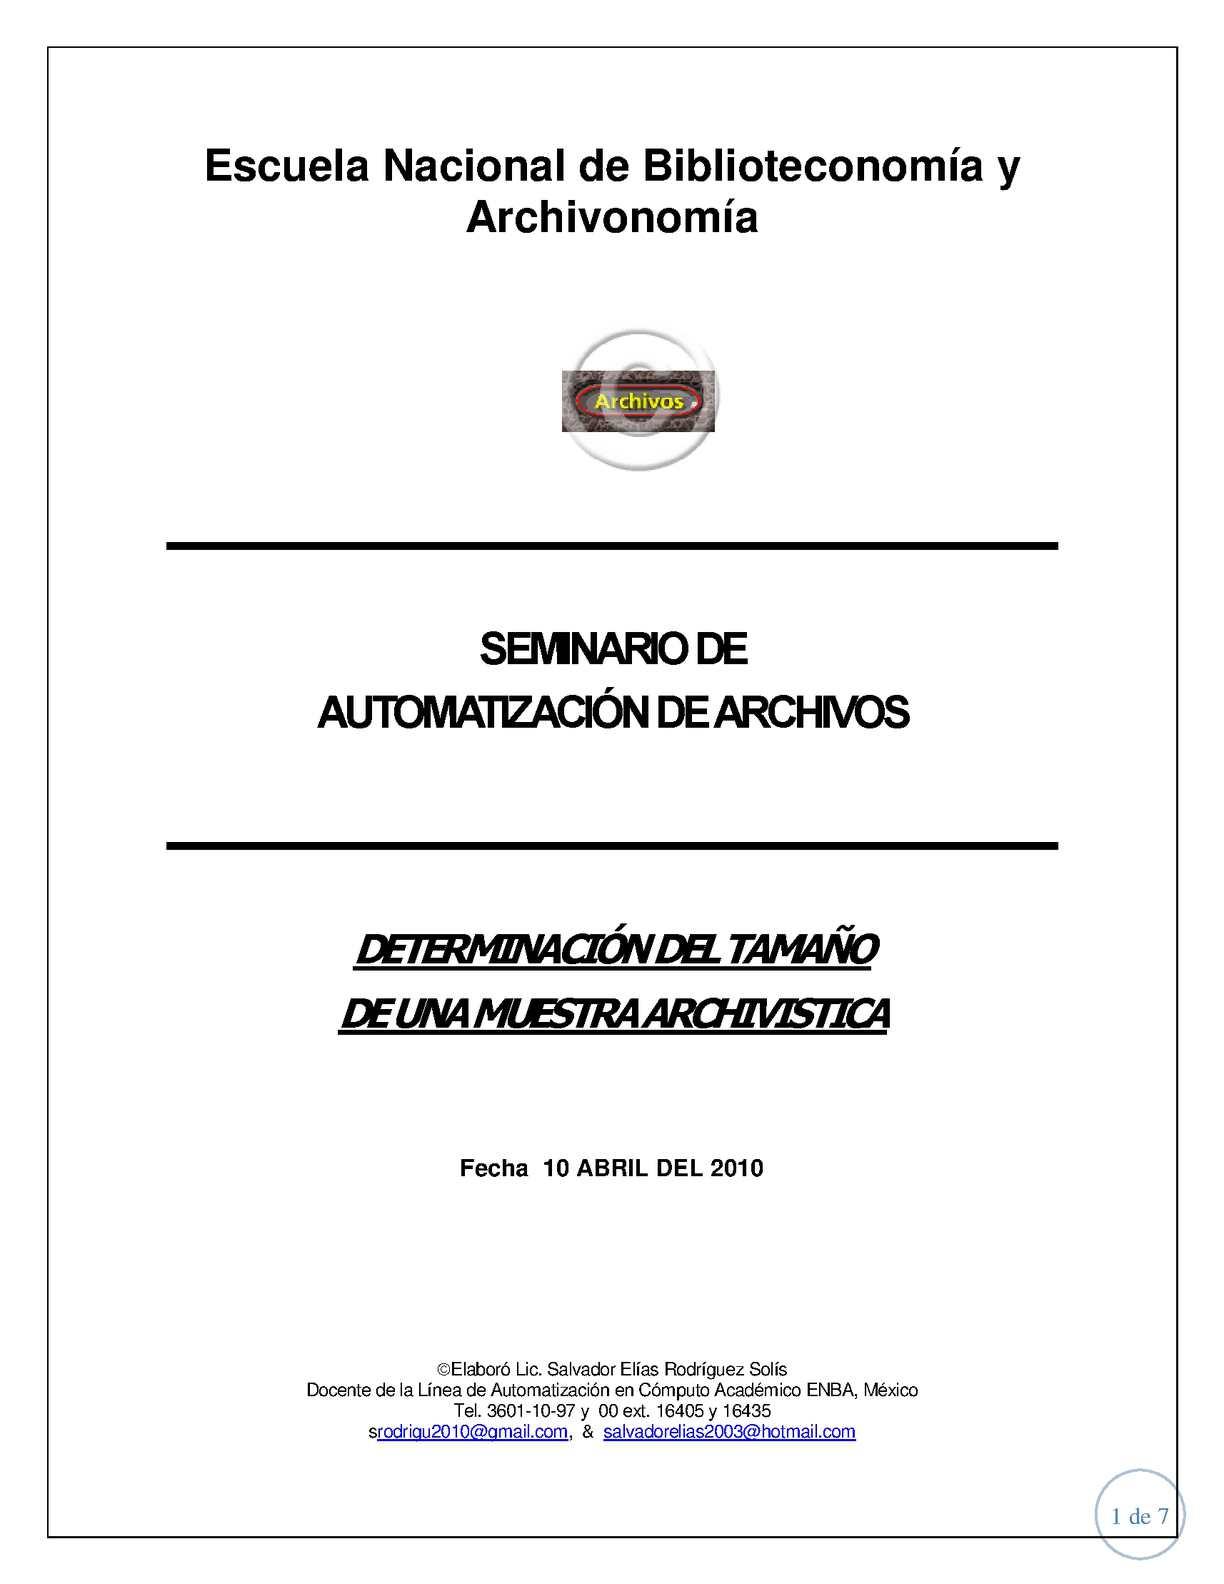 Determinacion del tamaño de una muestra archivistica